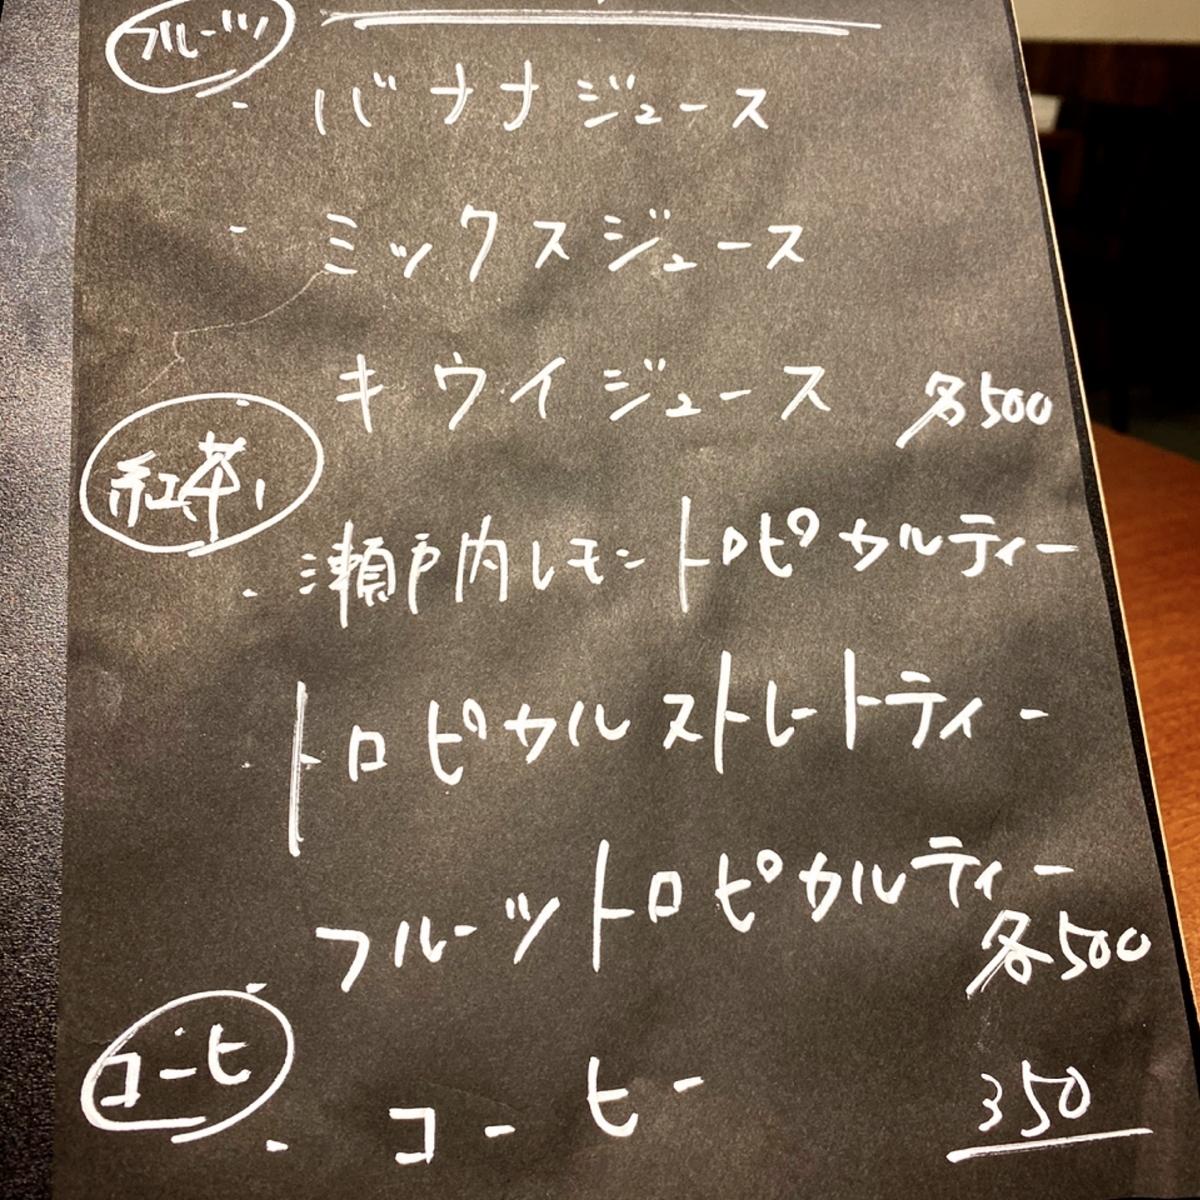 「下北果実」のメニューと値段2